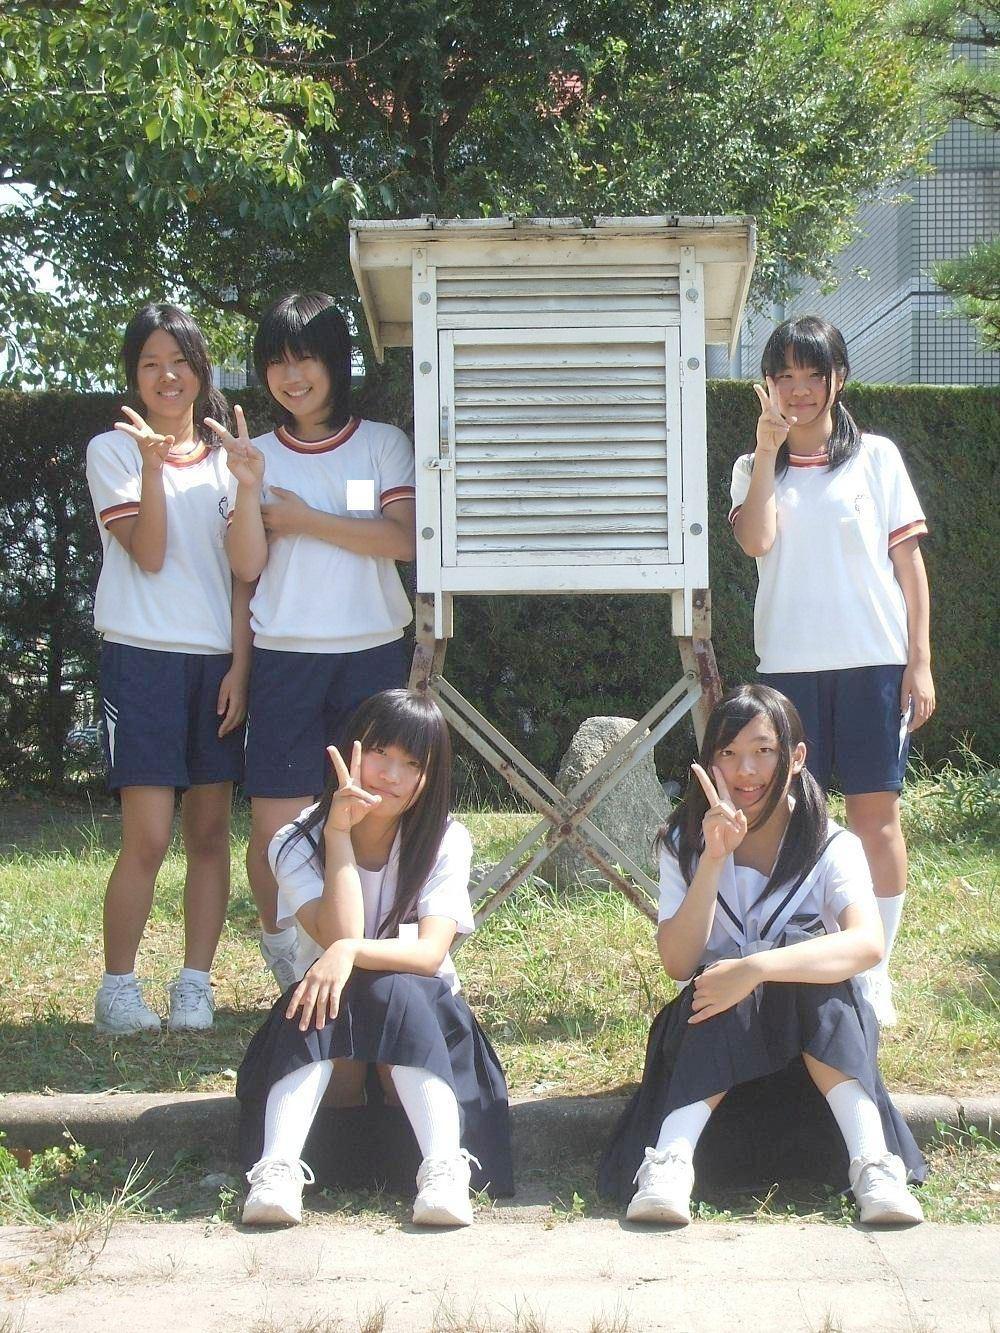 J→K→の→エ→ロ→画→像→は→ら→で→い完成でJKのエロ画像大量投入wwwwwwwww xYI7UeS